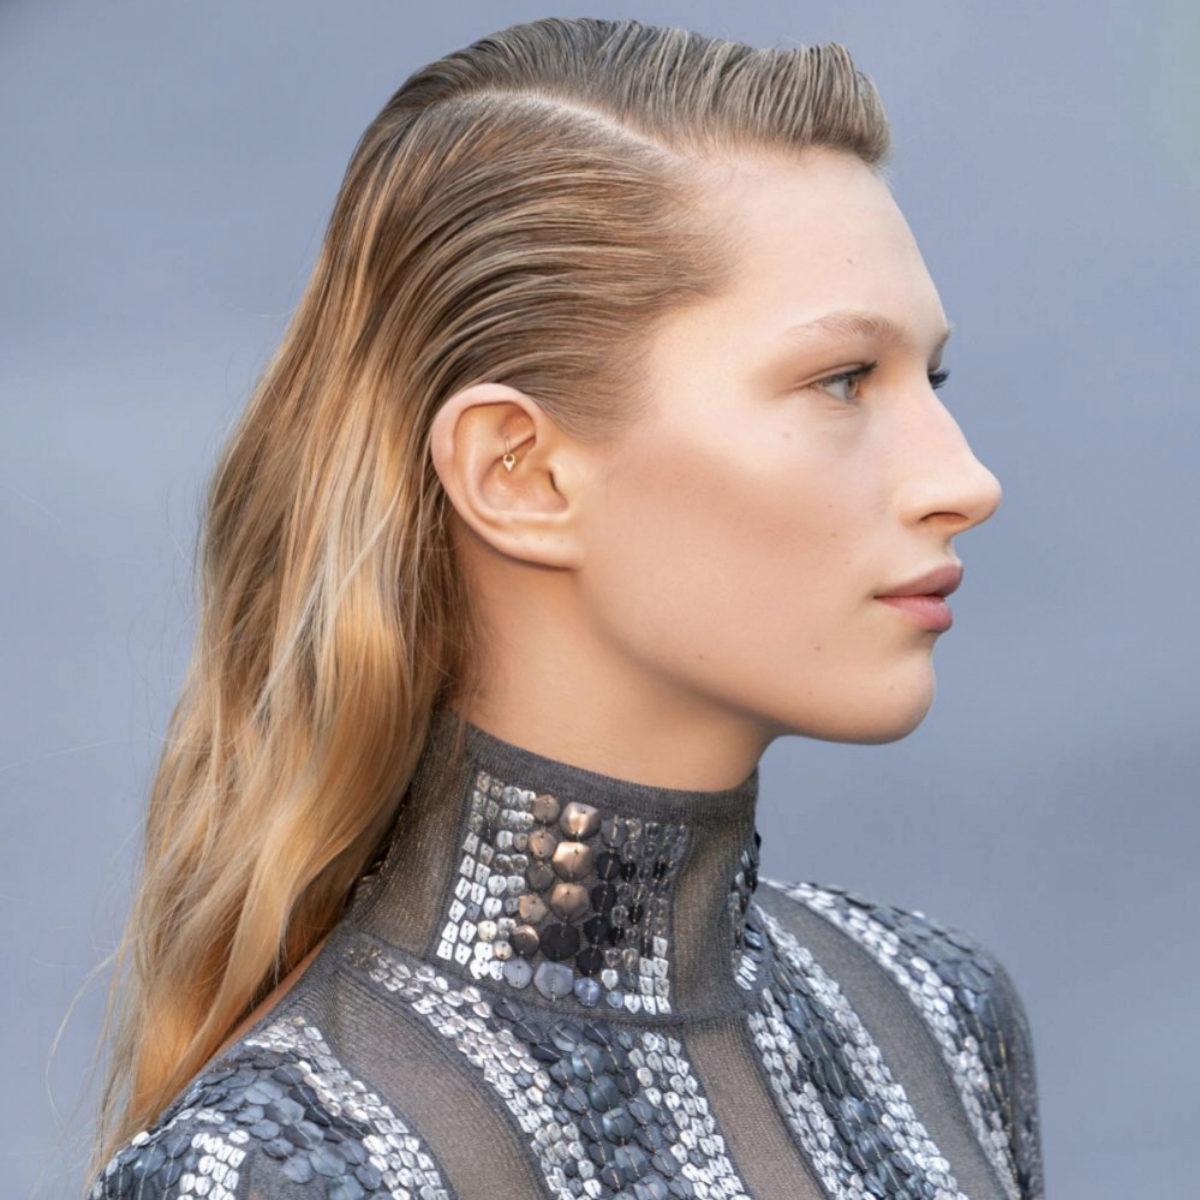 Cavalli y su peinado tendencia que querrás probar este otoño: unas...